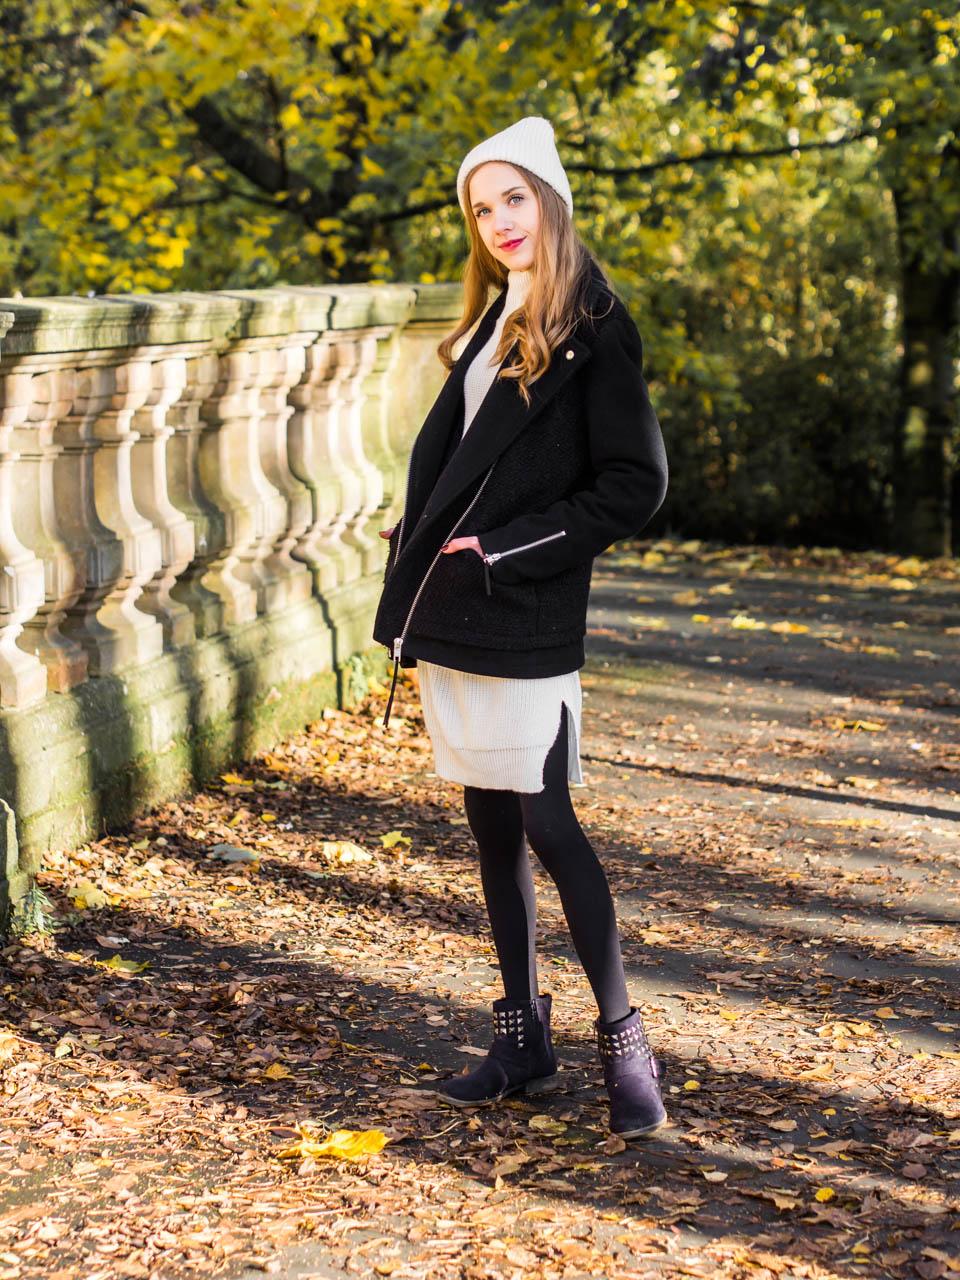 Black and white autumn outfit - Mustavalkoinen syysasu